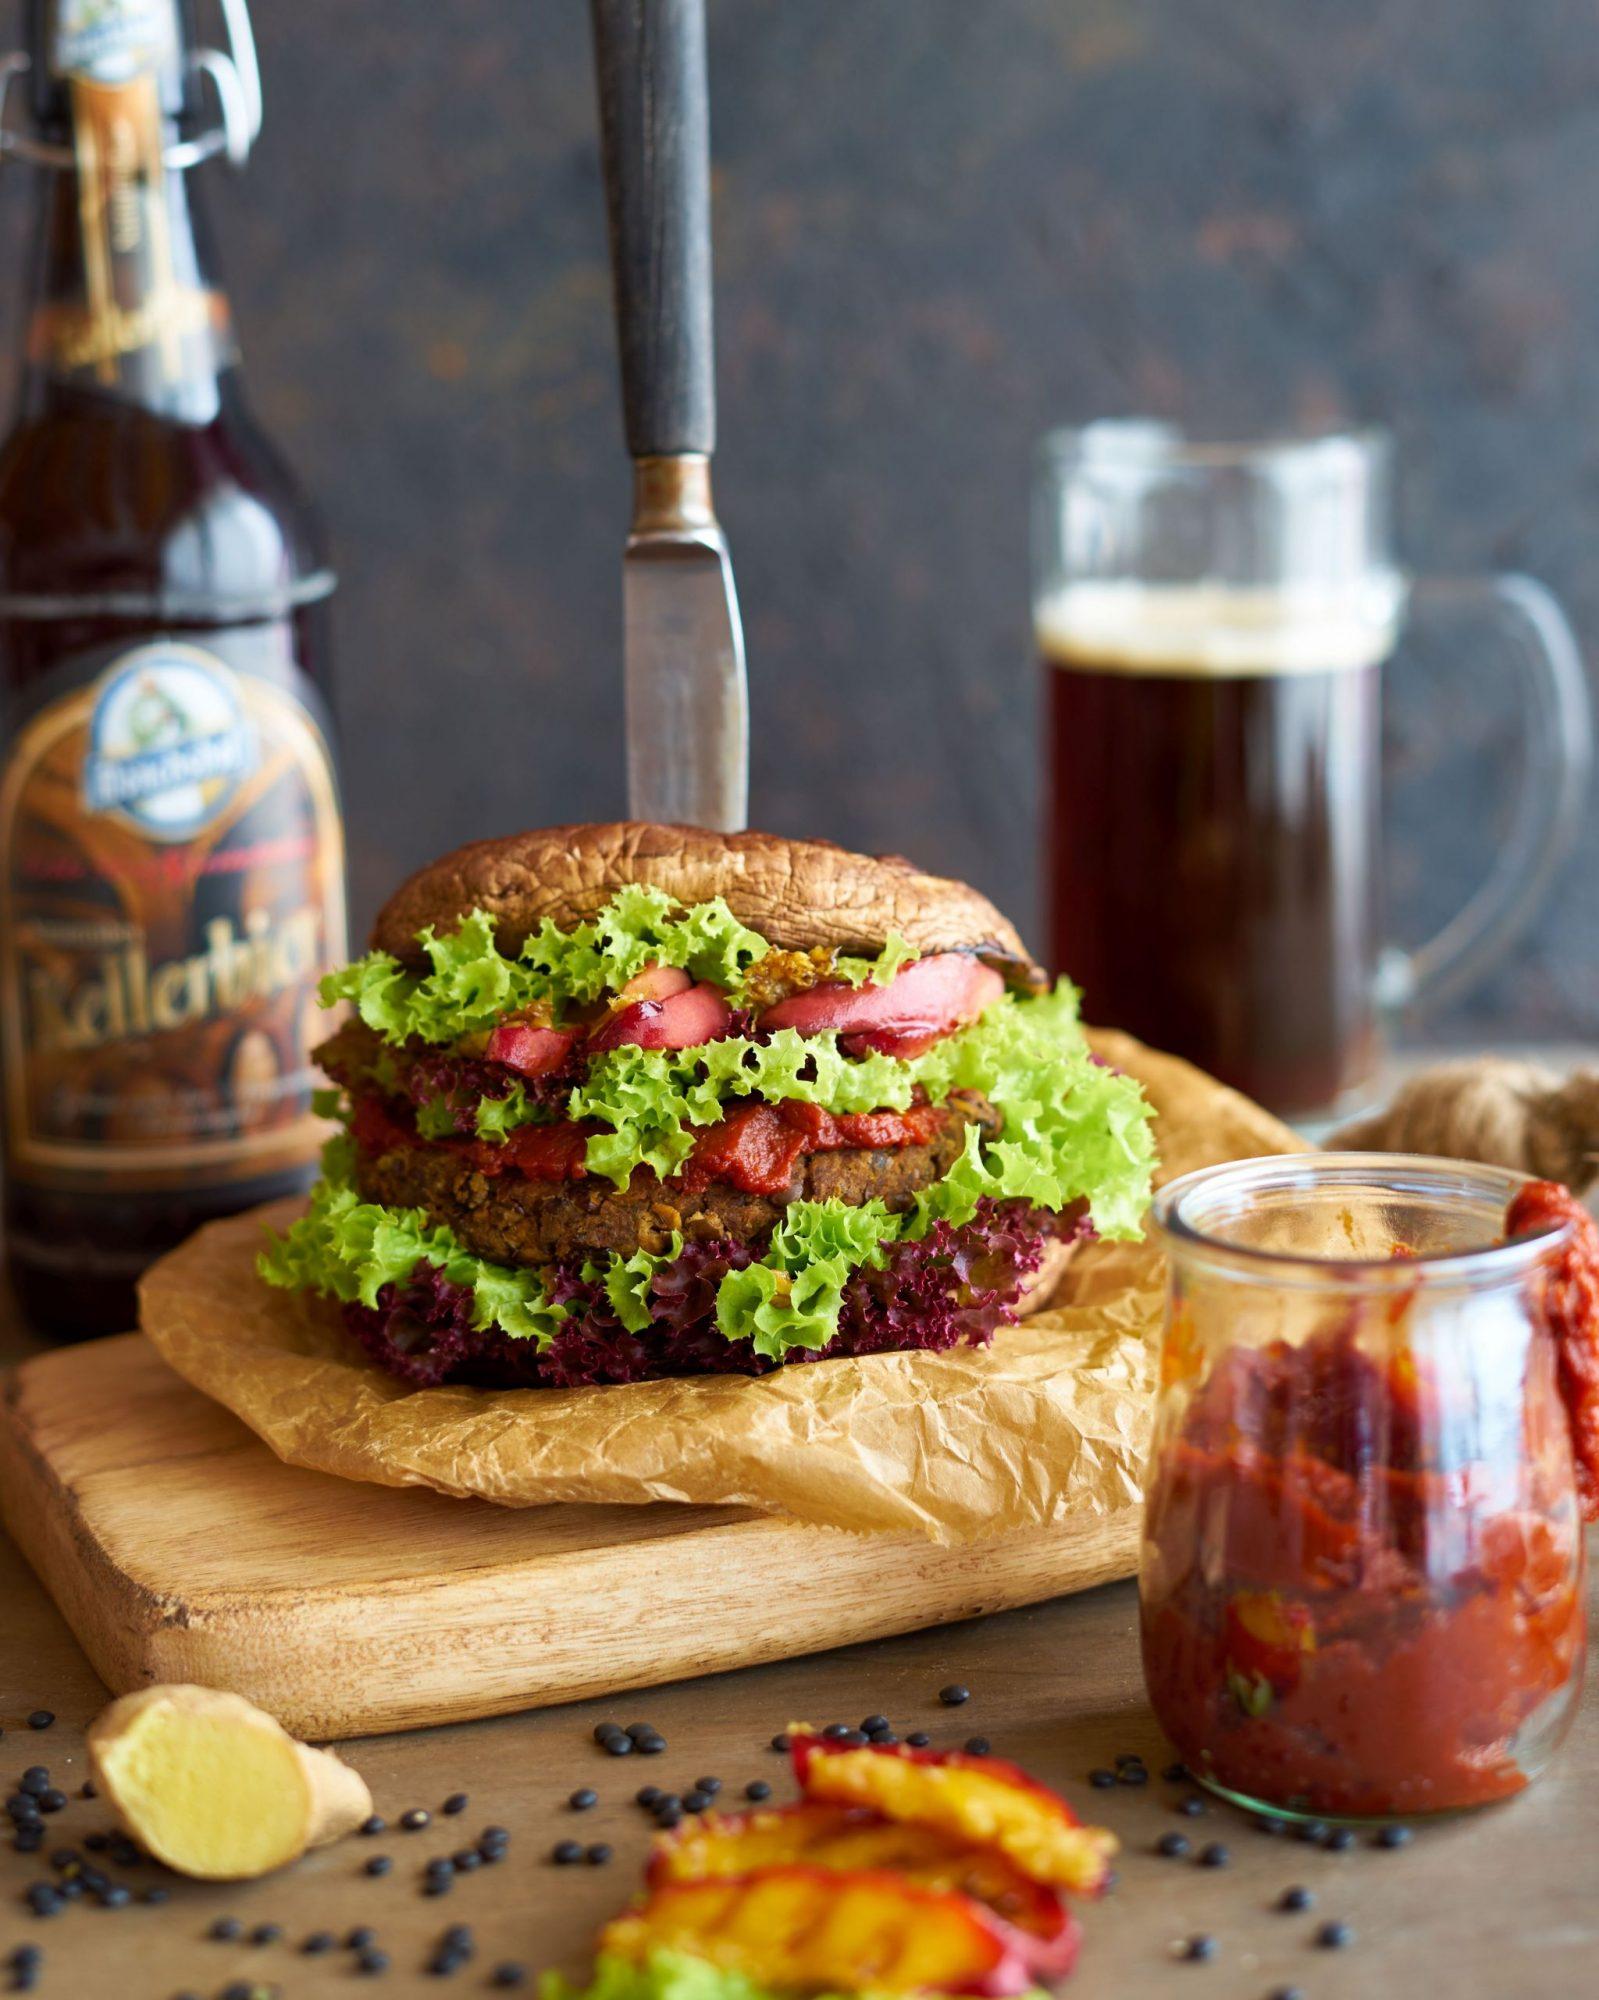 Portobello-Burger mit Linsenpatty gegrillten Ingwer-Pfirsichen und dunklem Bier Ketchup